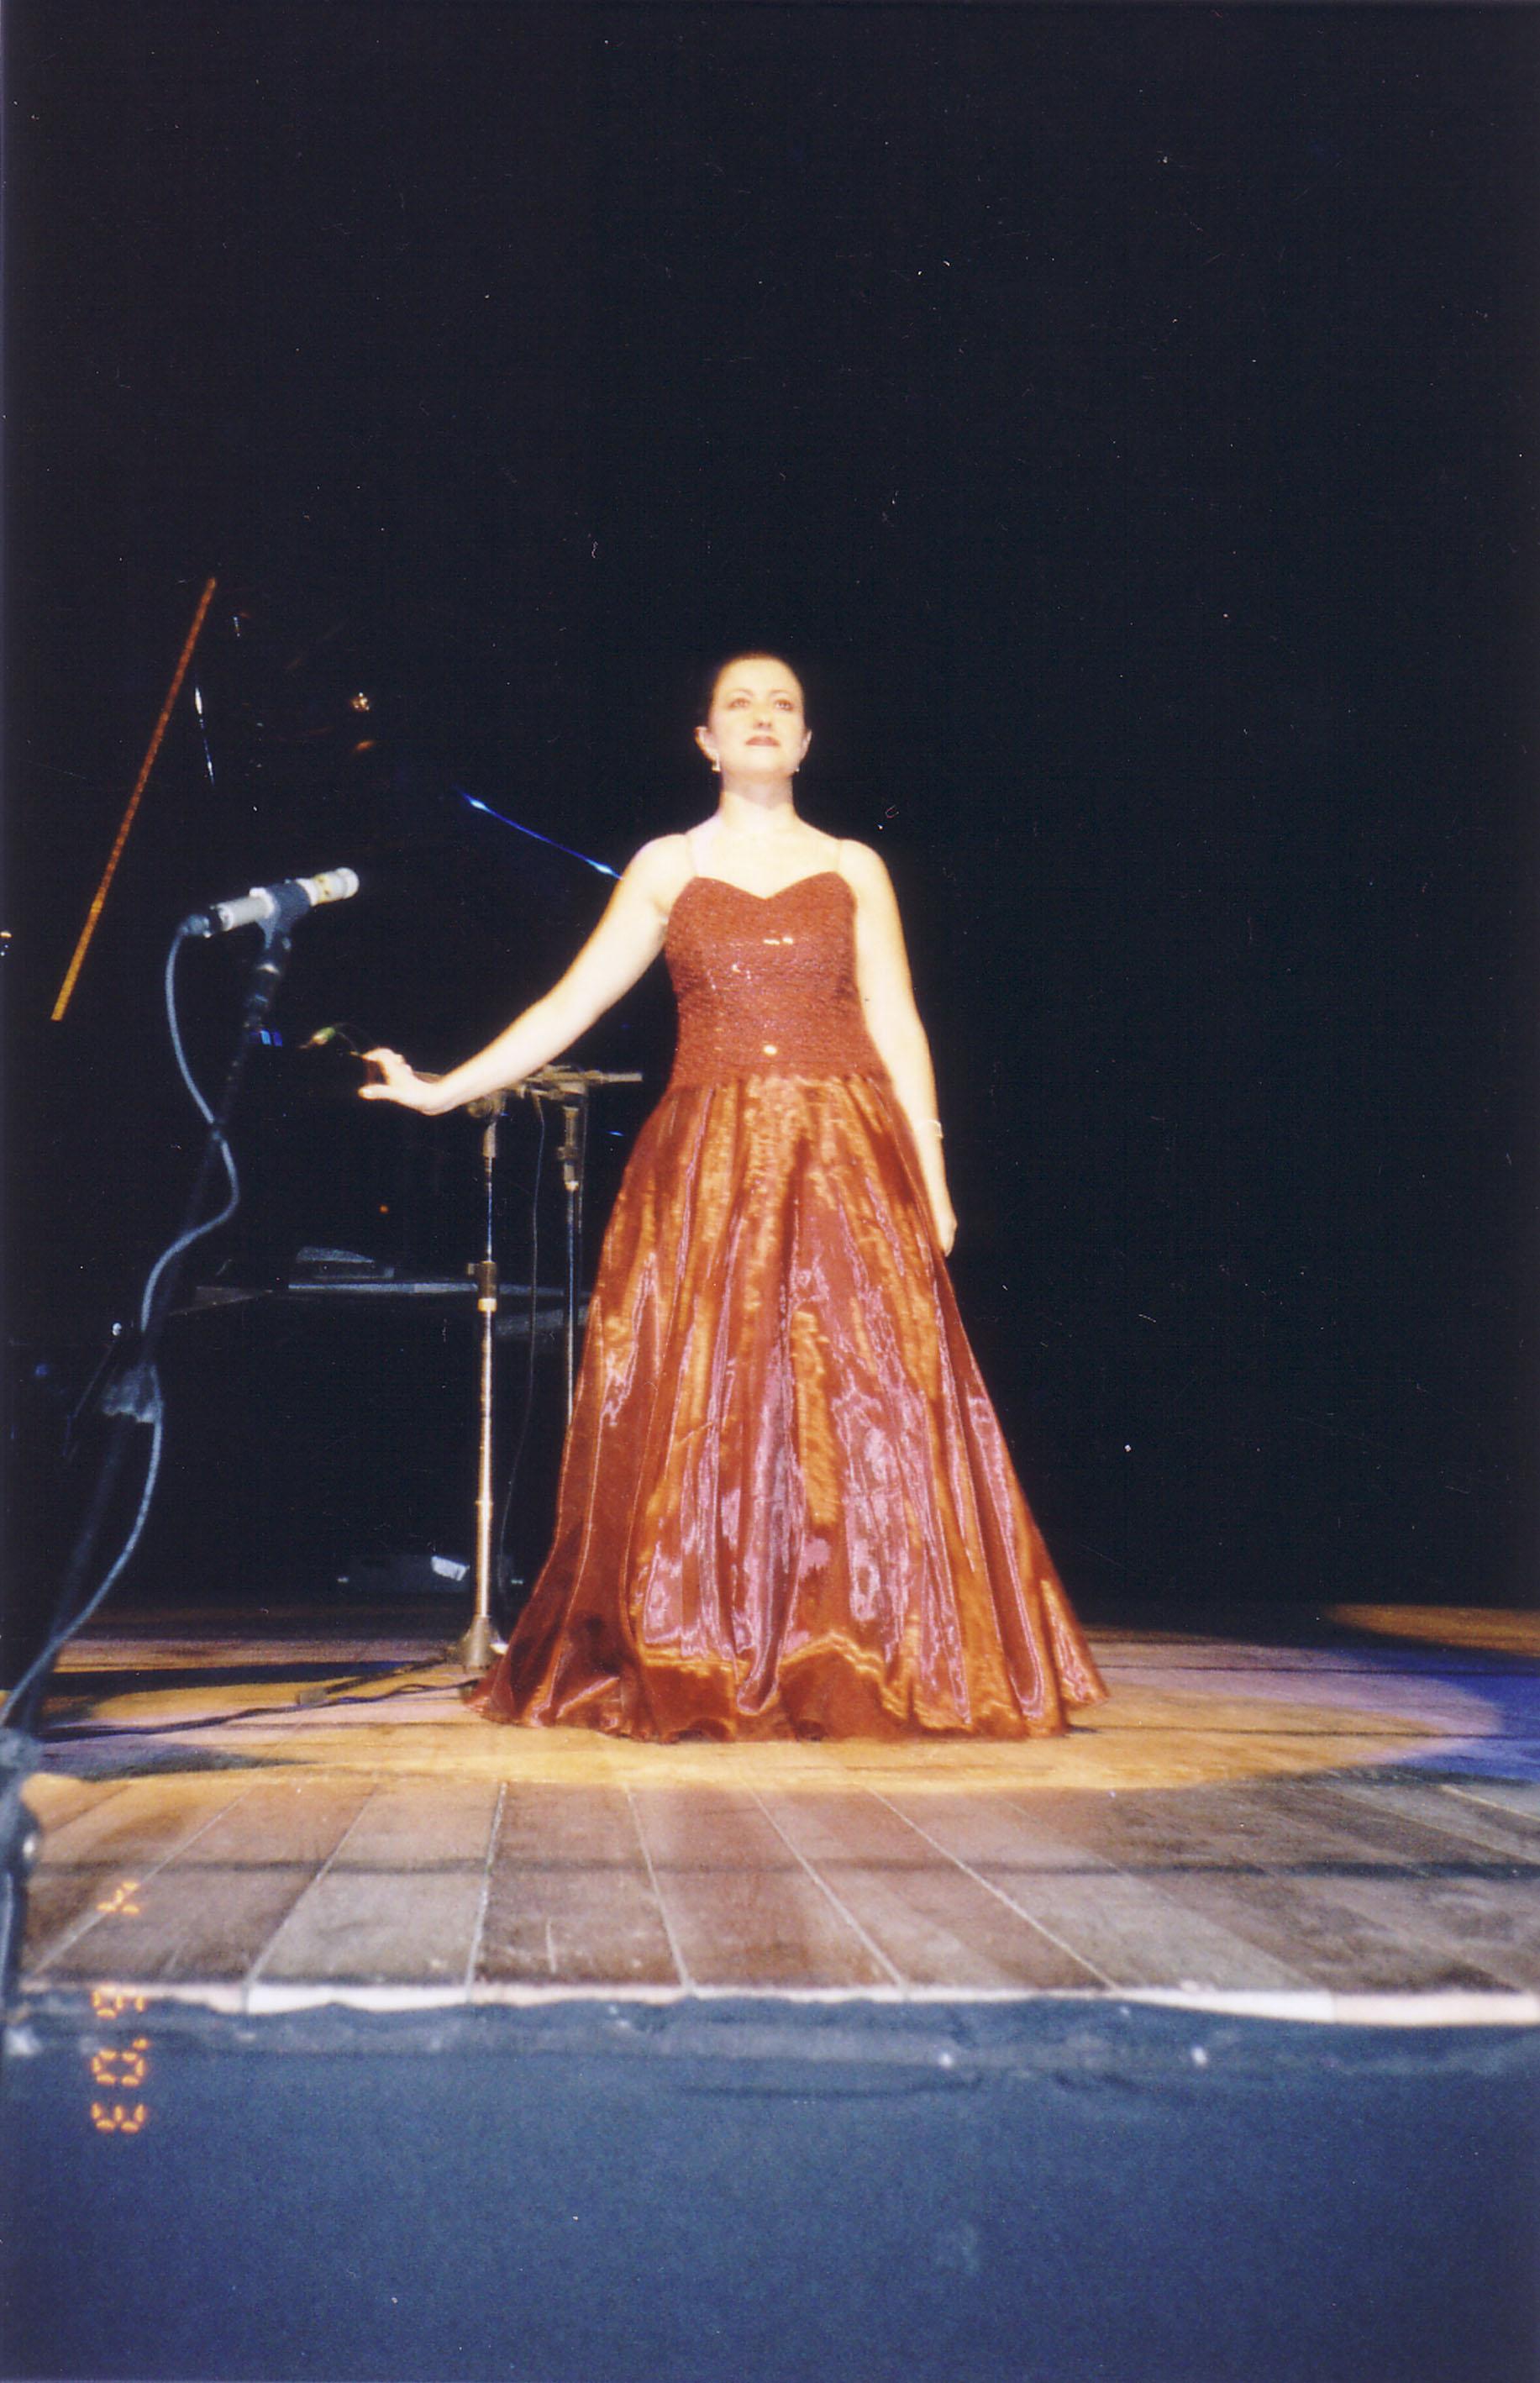 Carla Regina Mezzosoprano